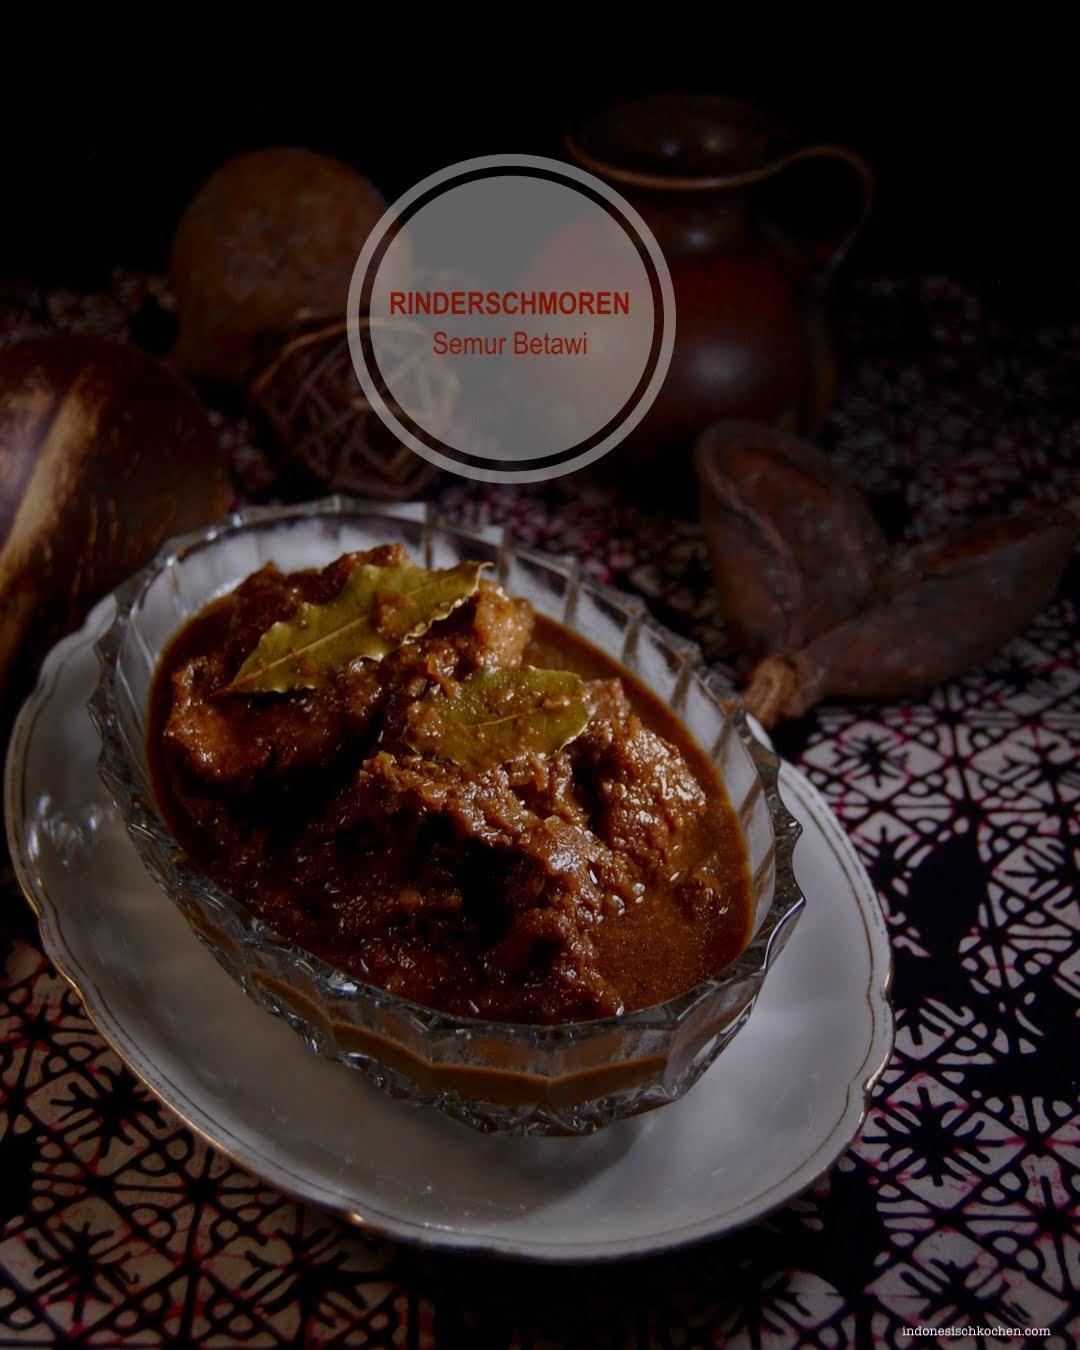 Rezept Rinderschmorbraten im Topf nach Jakarta-Art (Semur Betawi)